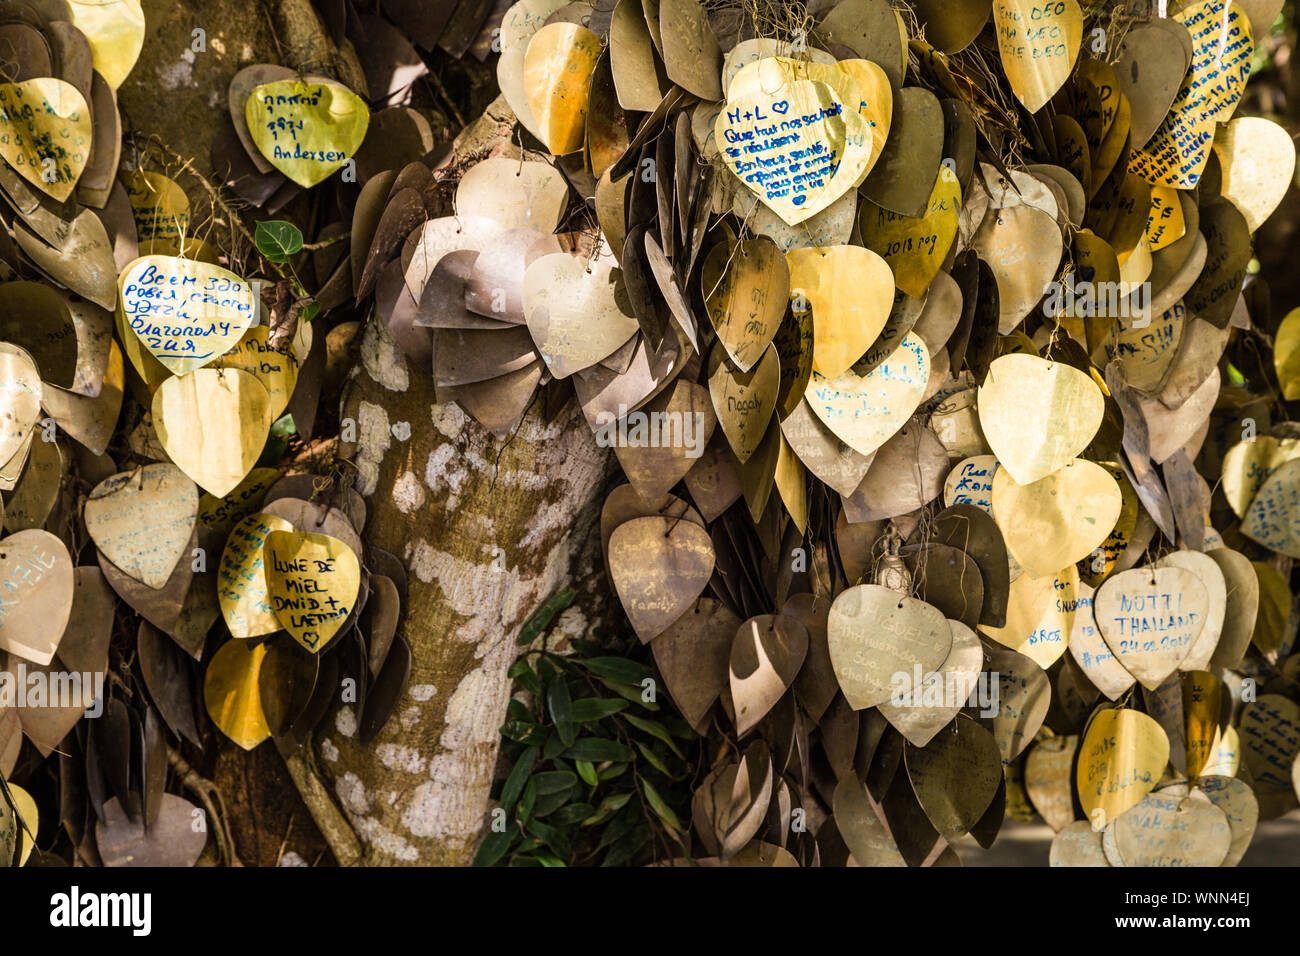 Écrire vos souhaits sur l'or Bodhi suspendus sur une tige métallique sous l'arbre. Close up de l'or les feuilles colorées de l'arbre des désirs dans le temple bouddhiste Banque D'Images